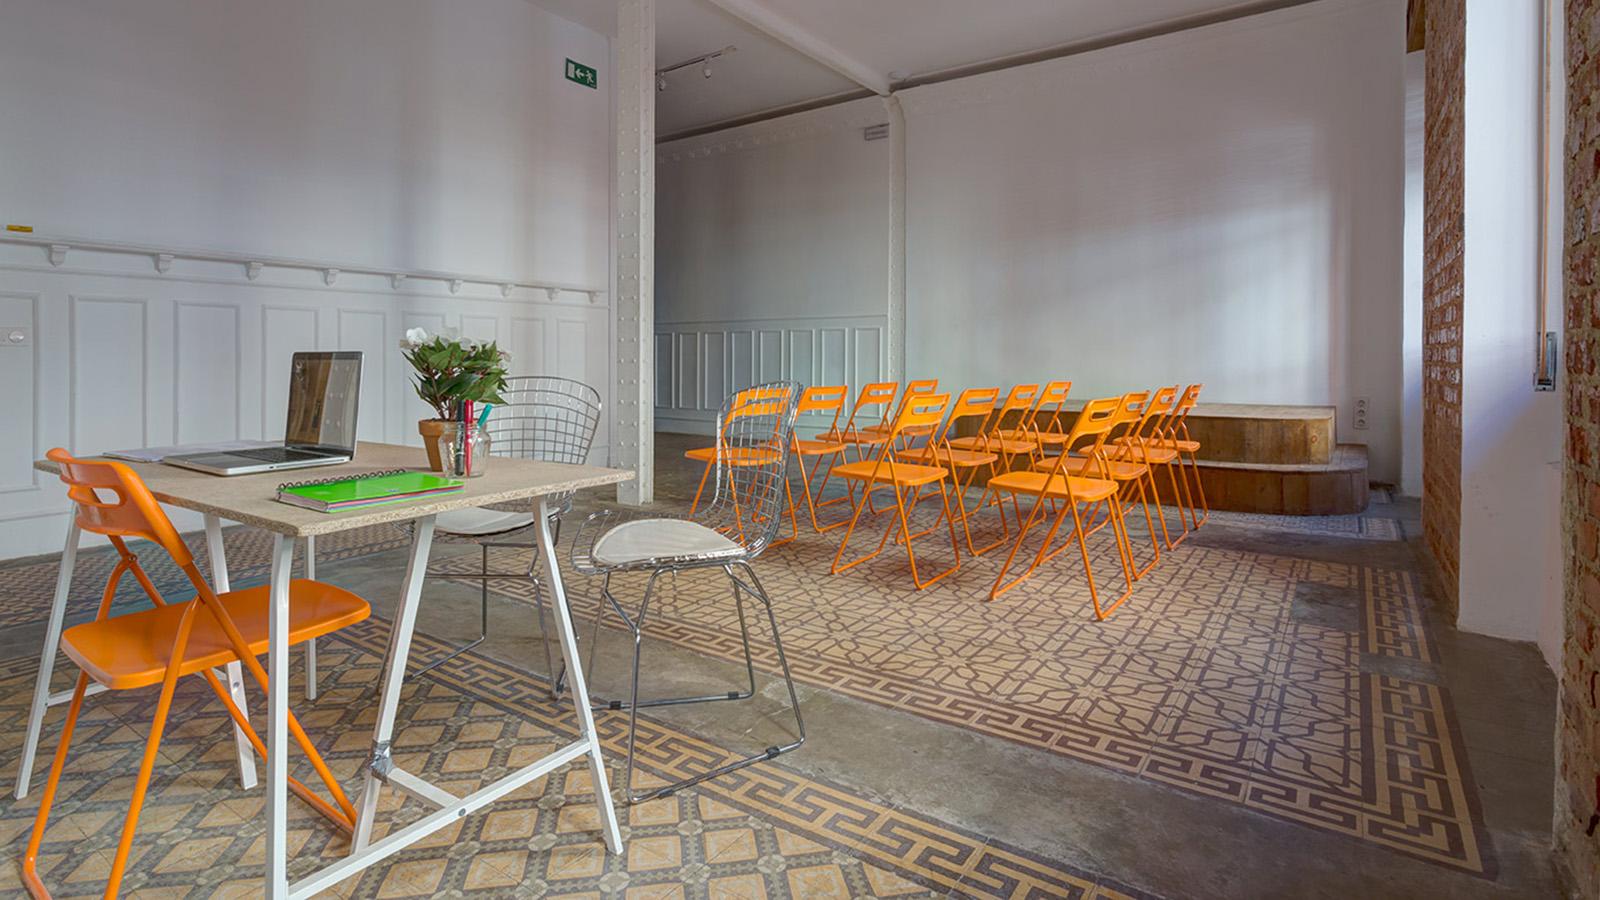 Castings - Espacio Muelle36 Madrid